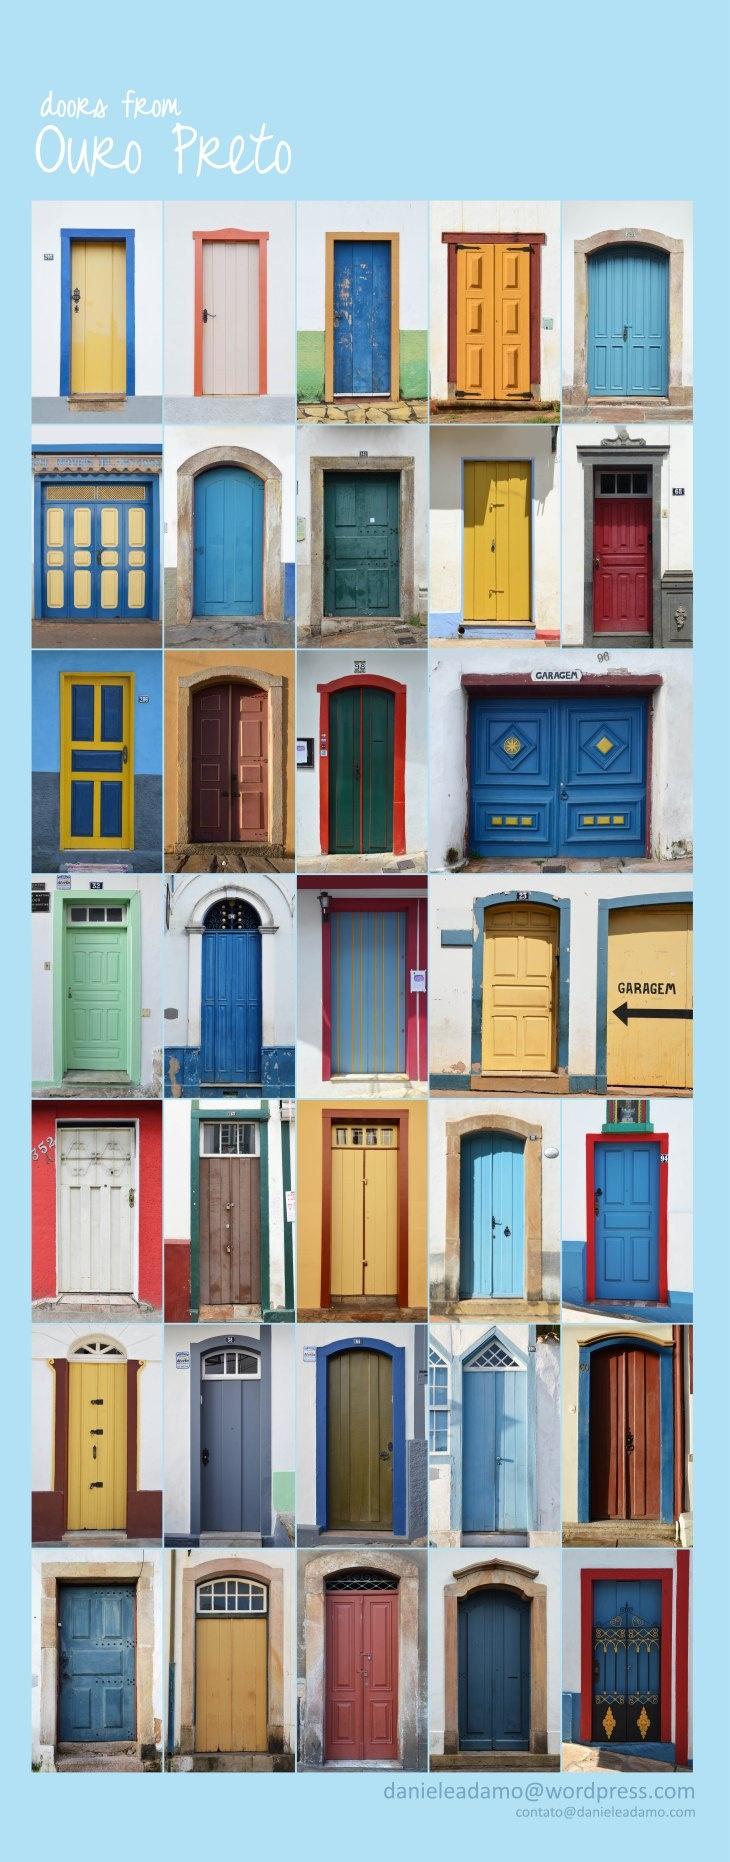 Portas...#peloBrasilafora * Doors  Ouro Preto/Brazil